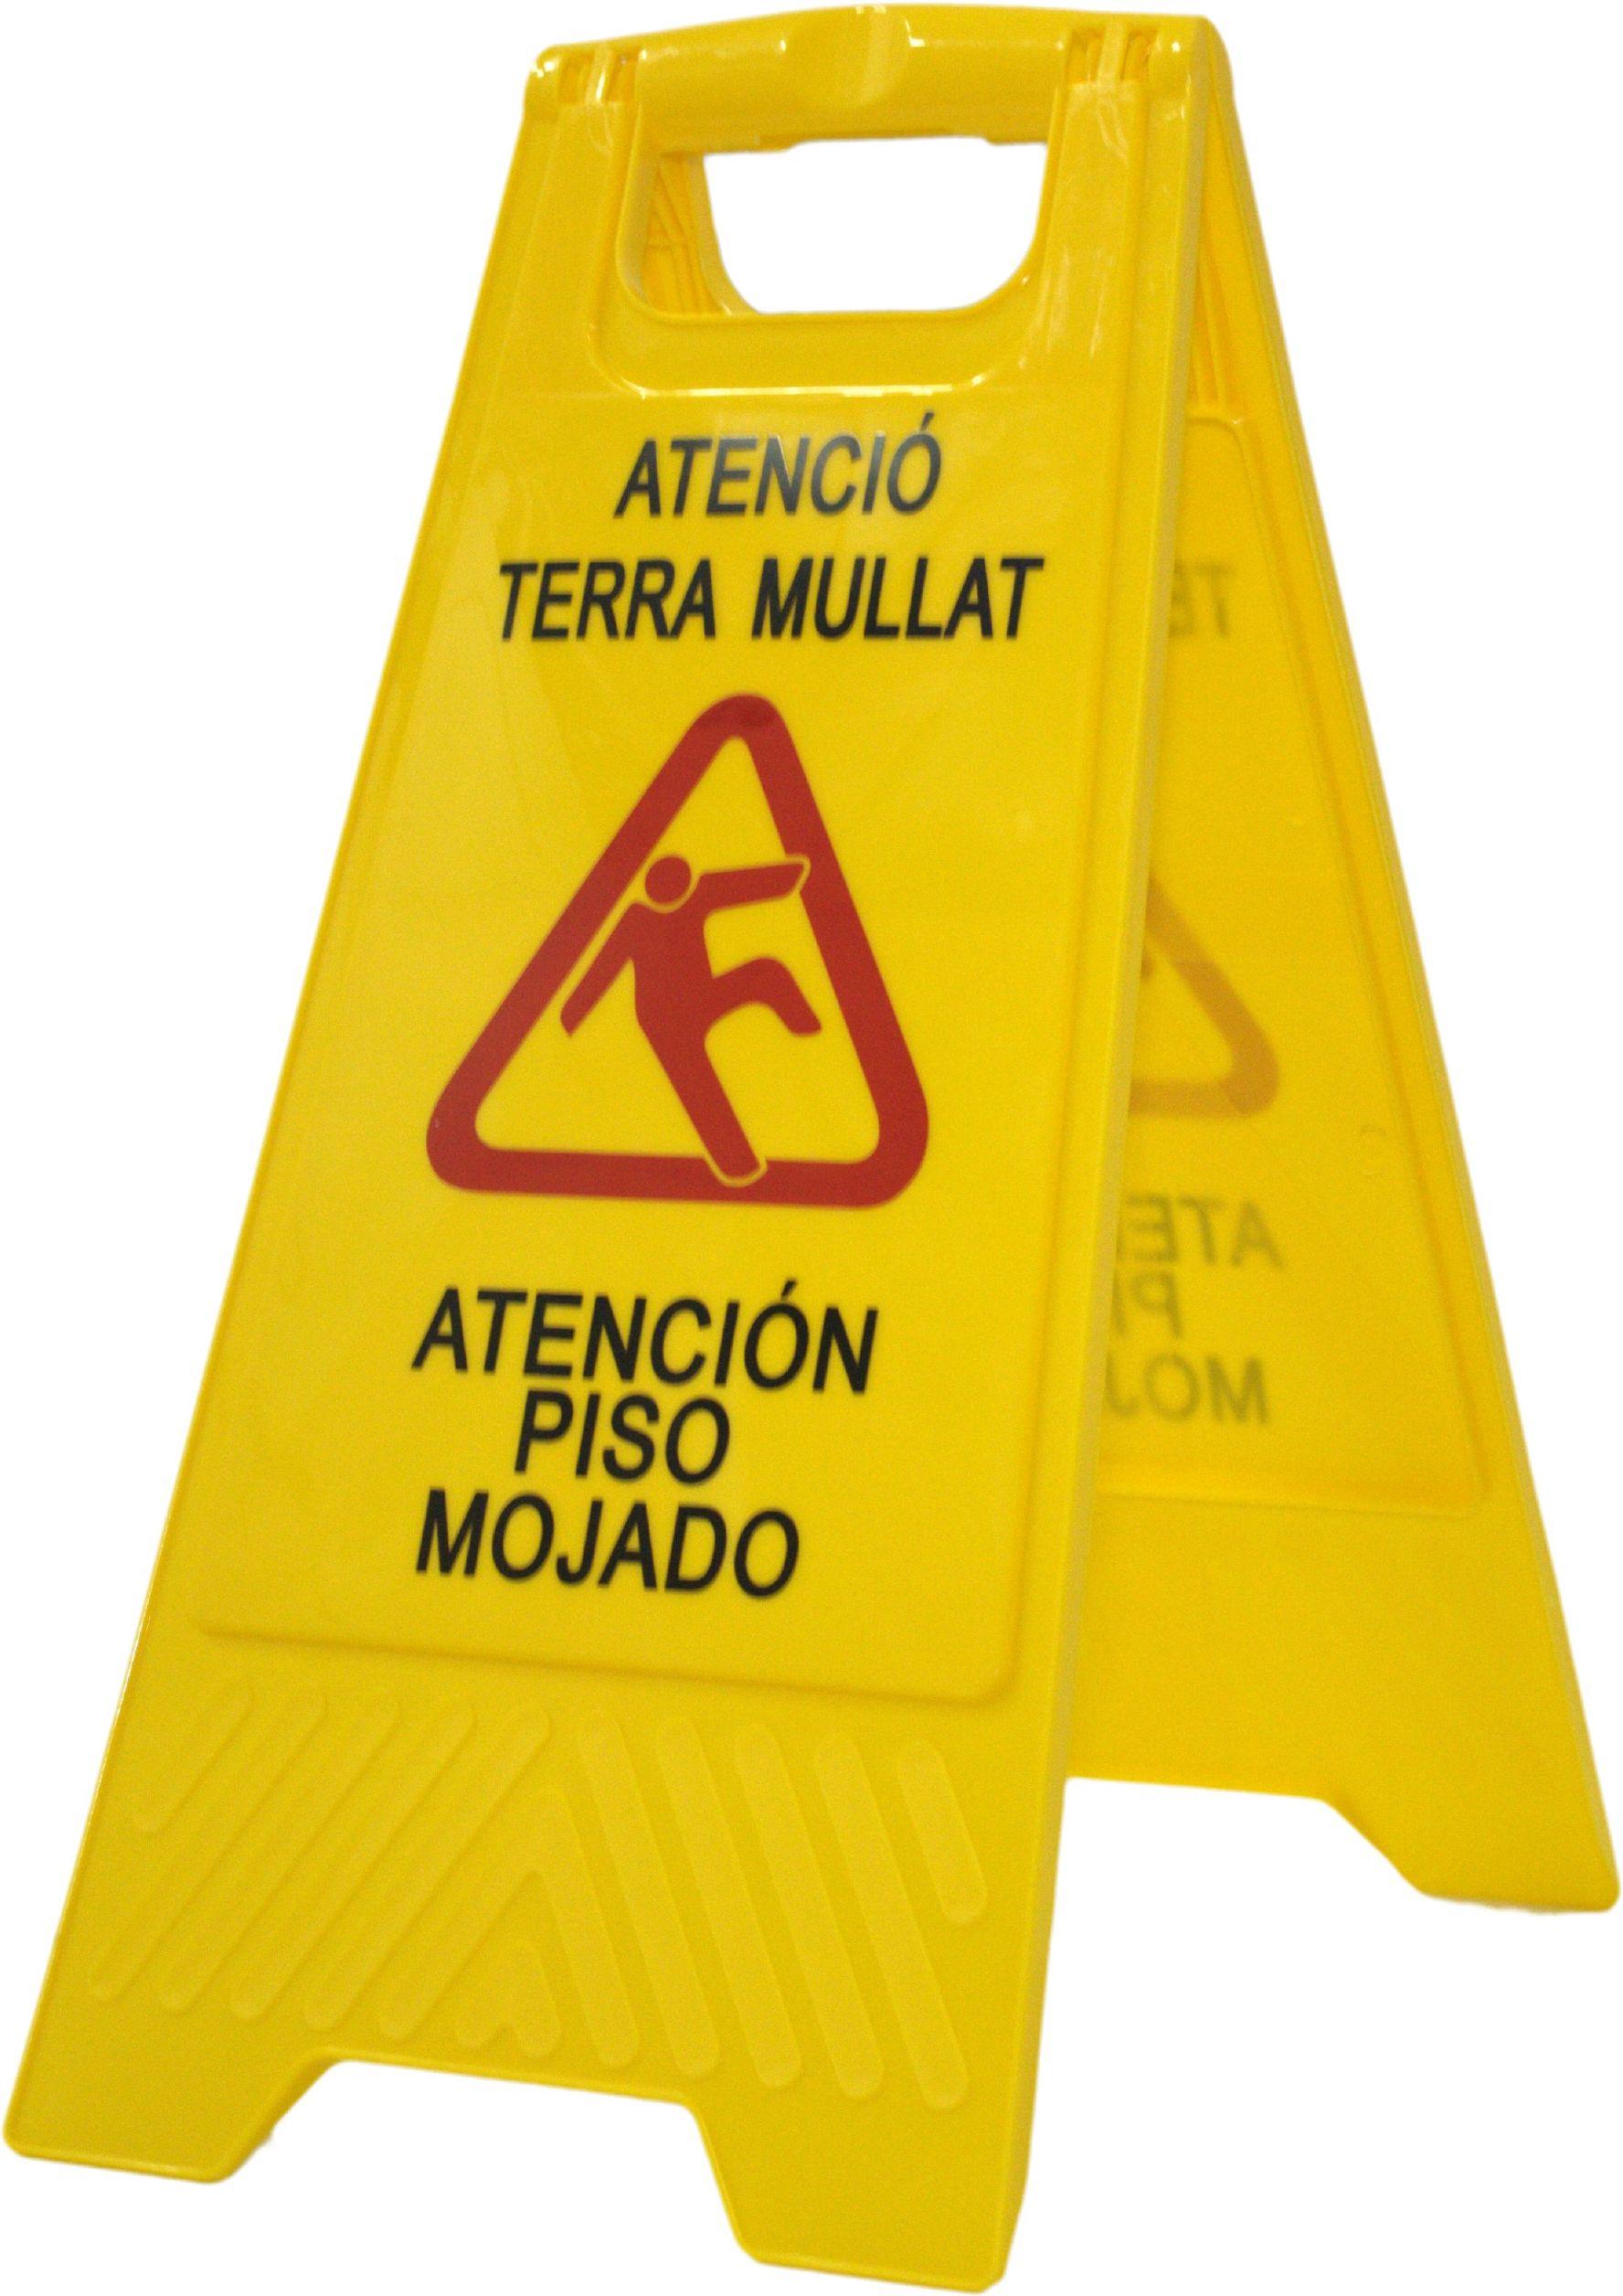 SEÑAL SUELO MOJADO (CATALÀ-CASTELLANO)